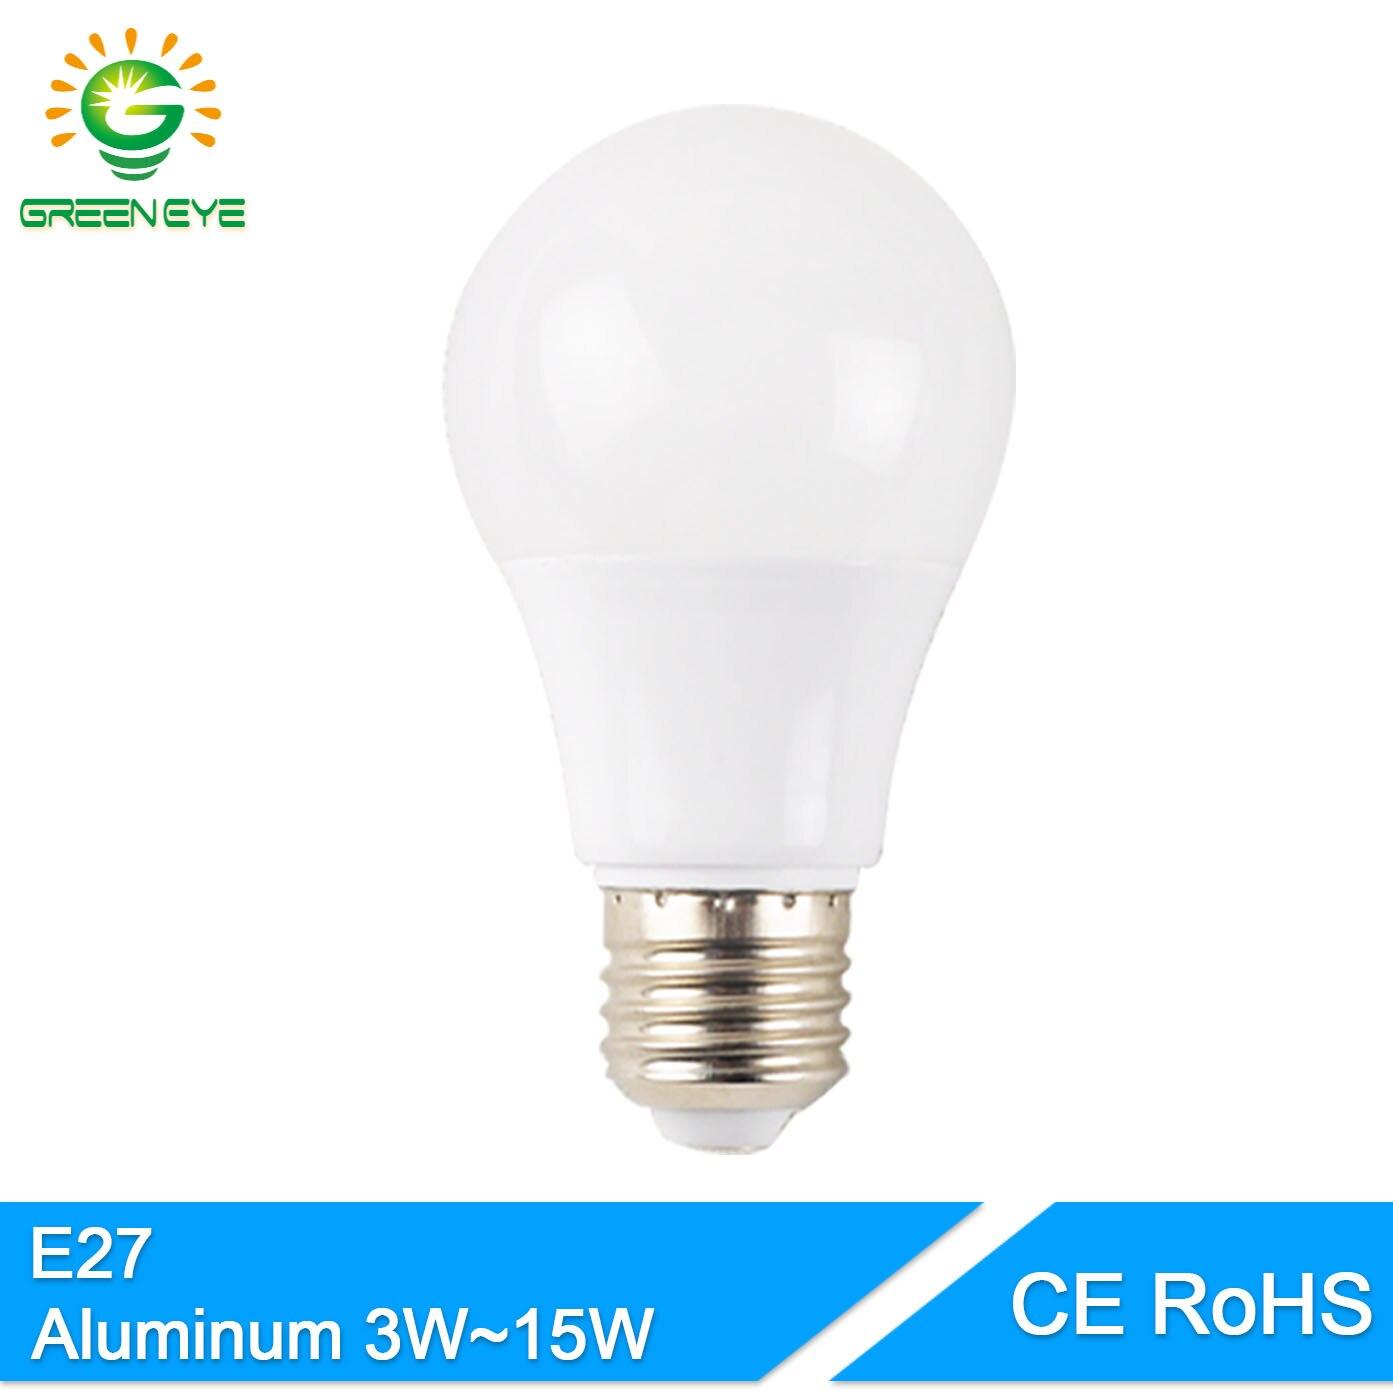 GreenEye-Aluminum-Cooling-High-Bright-font-b-Led-b-font-Bulb-font-b-E27-b-font Faszinierend Led E27 12 Watt Dekorationen